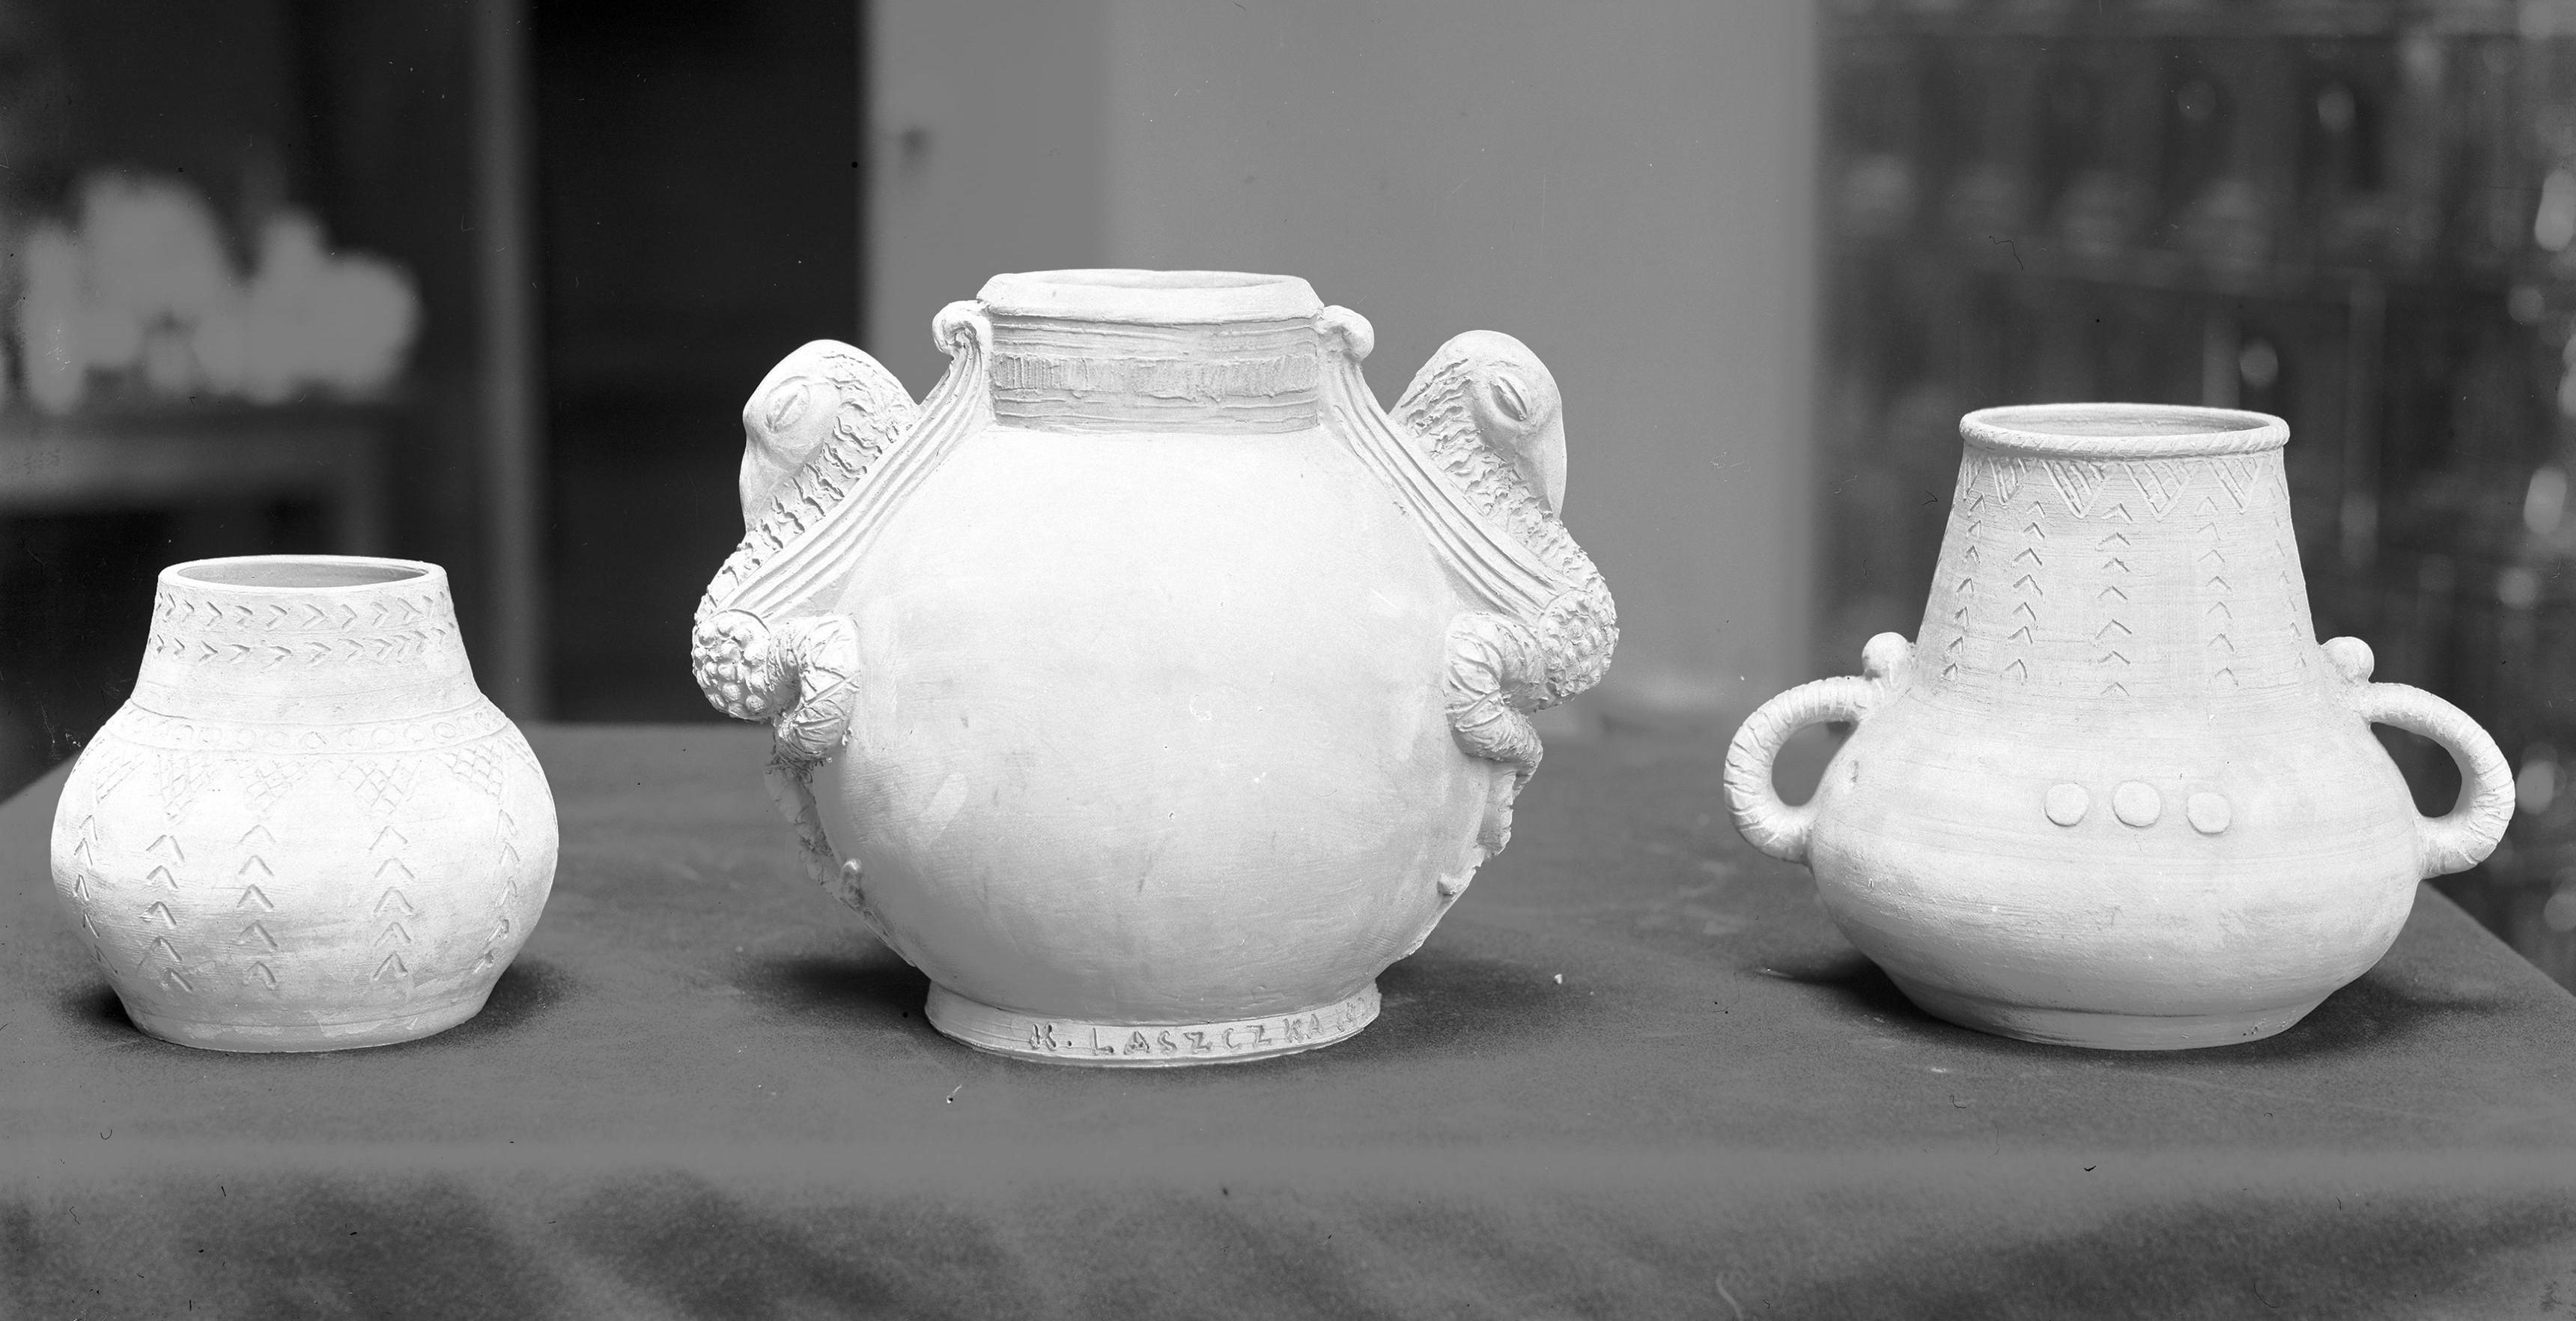 Wazony ceramiczne projektu Konstantego Laszczki na wystawie we Lwowie w 1926 roku, źródło: Narodowe Archiwum Cyfrowe